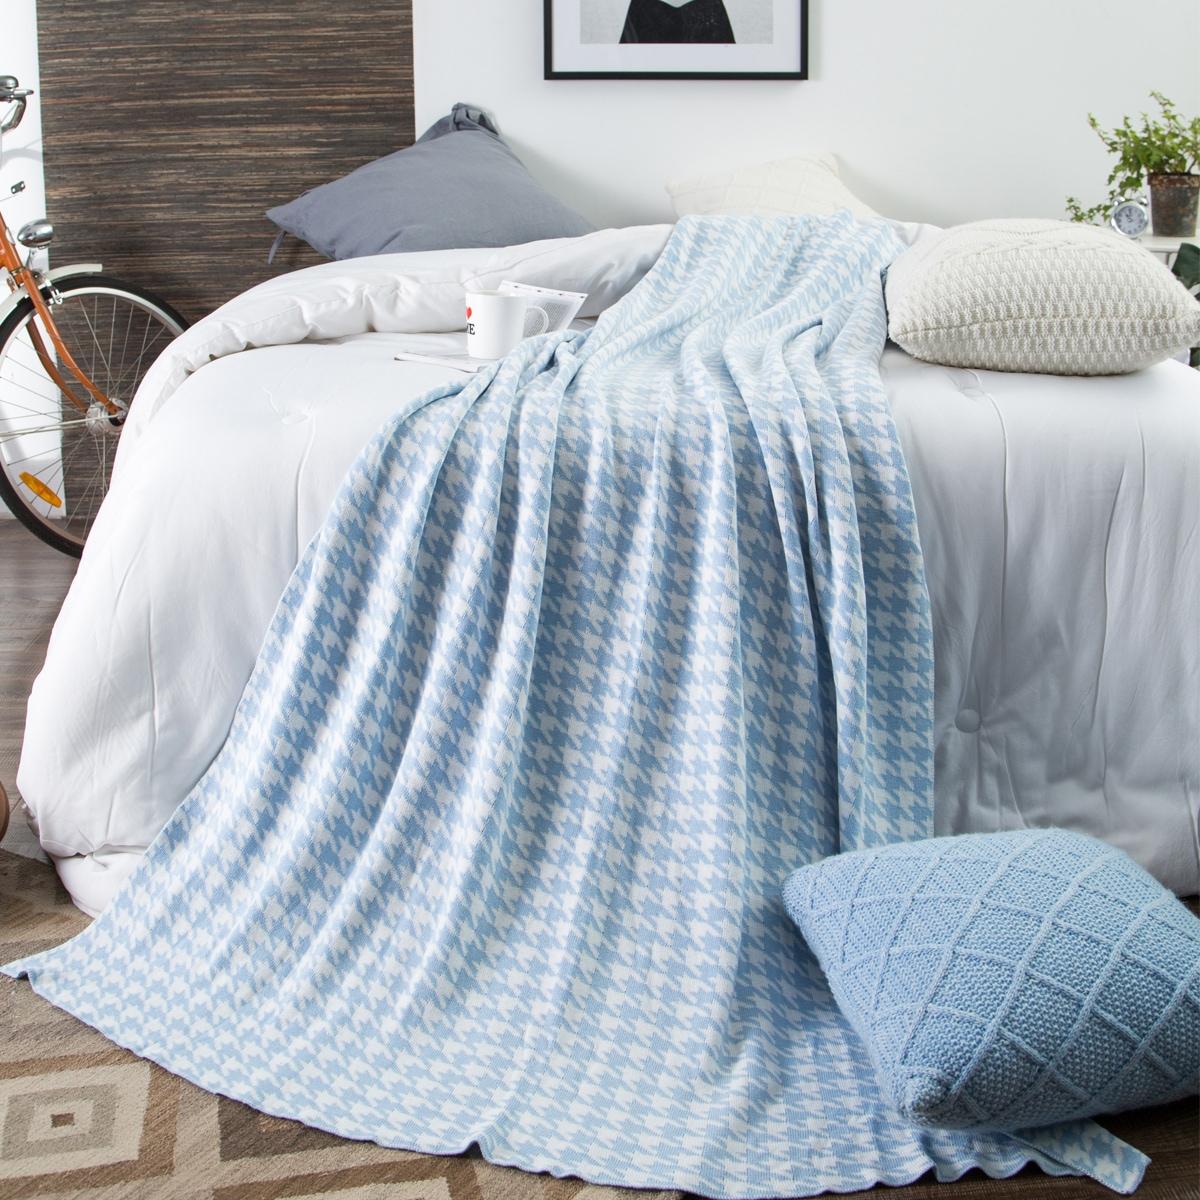 Couverture tricotée à motif pied-de-poule